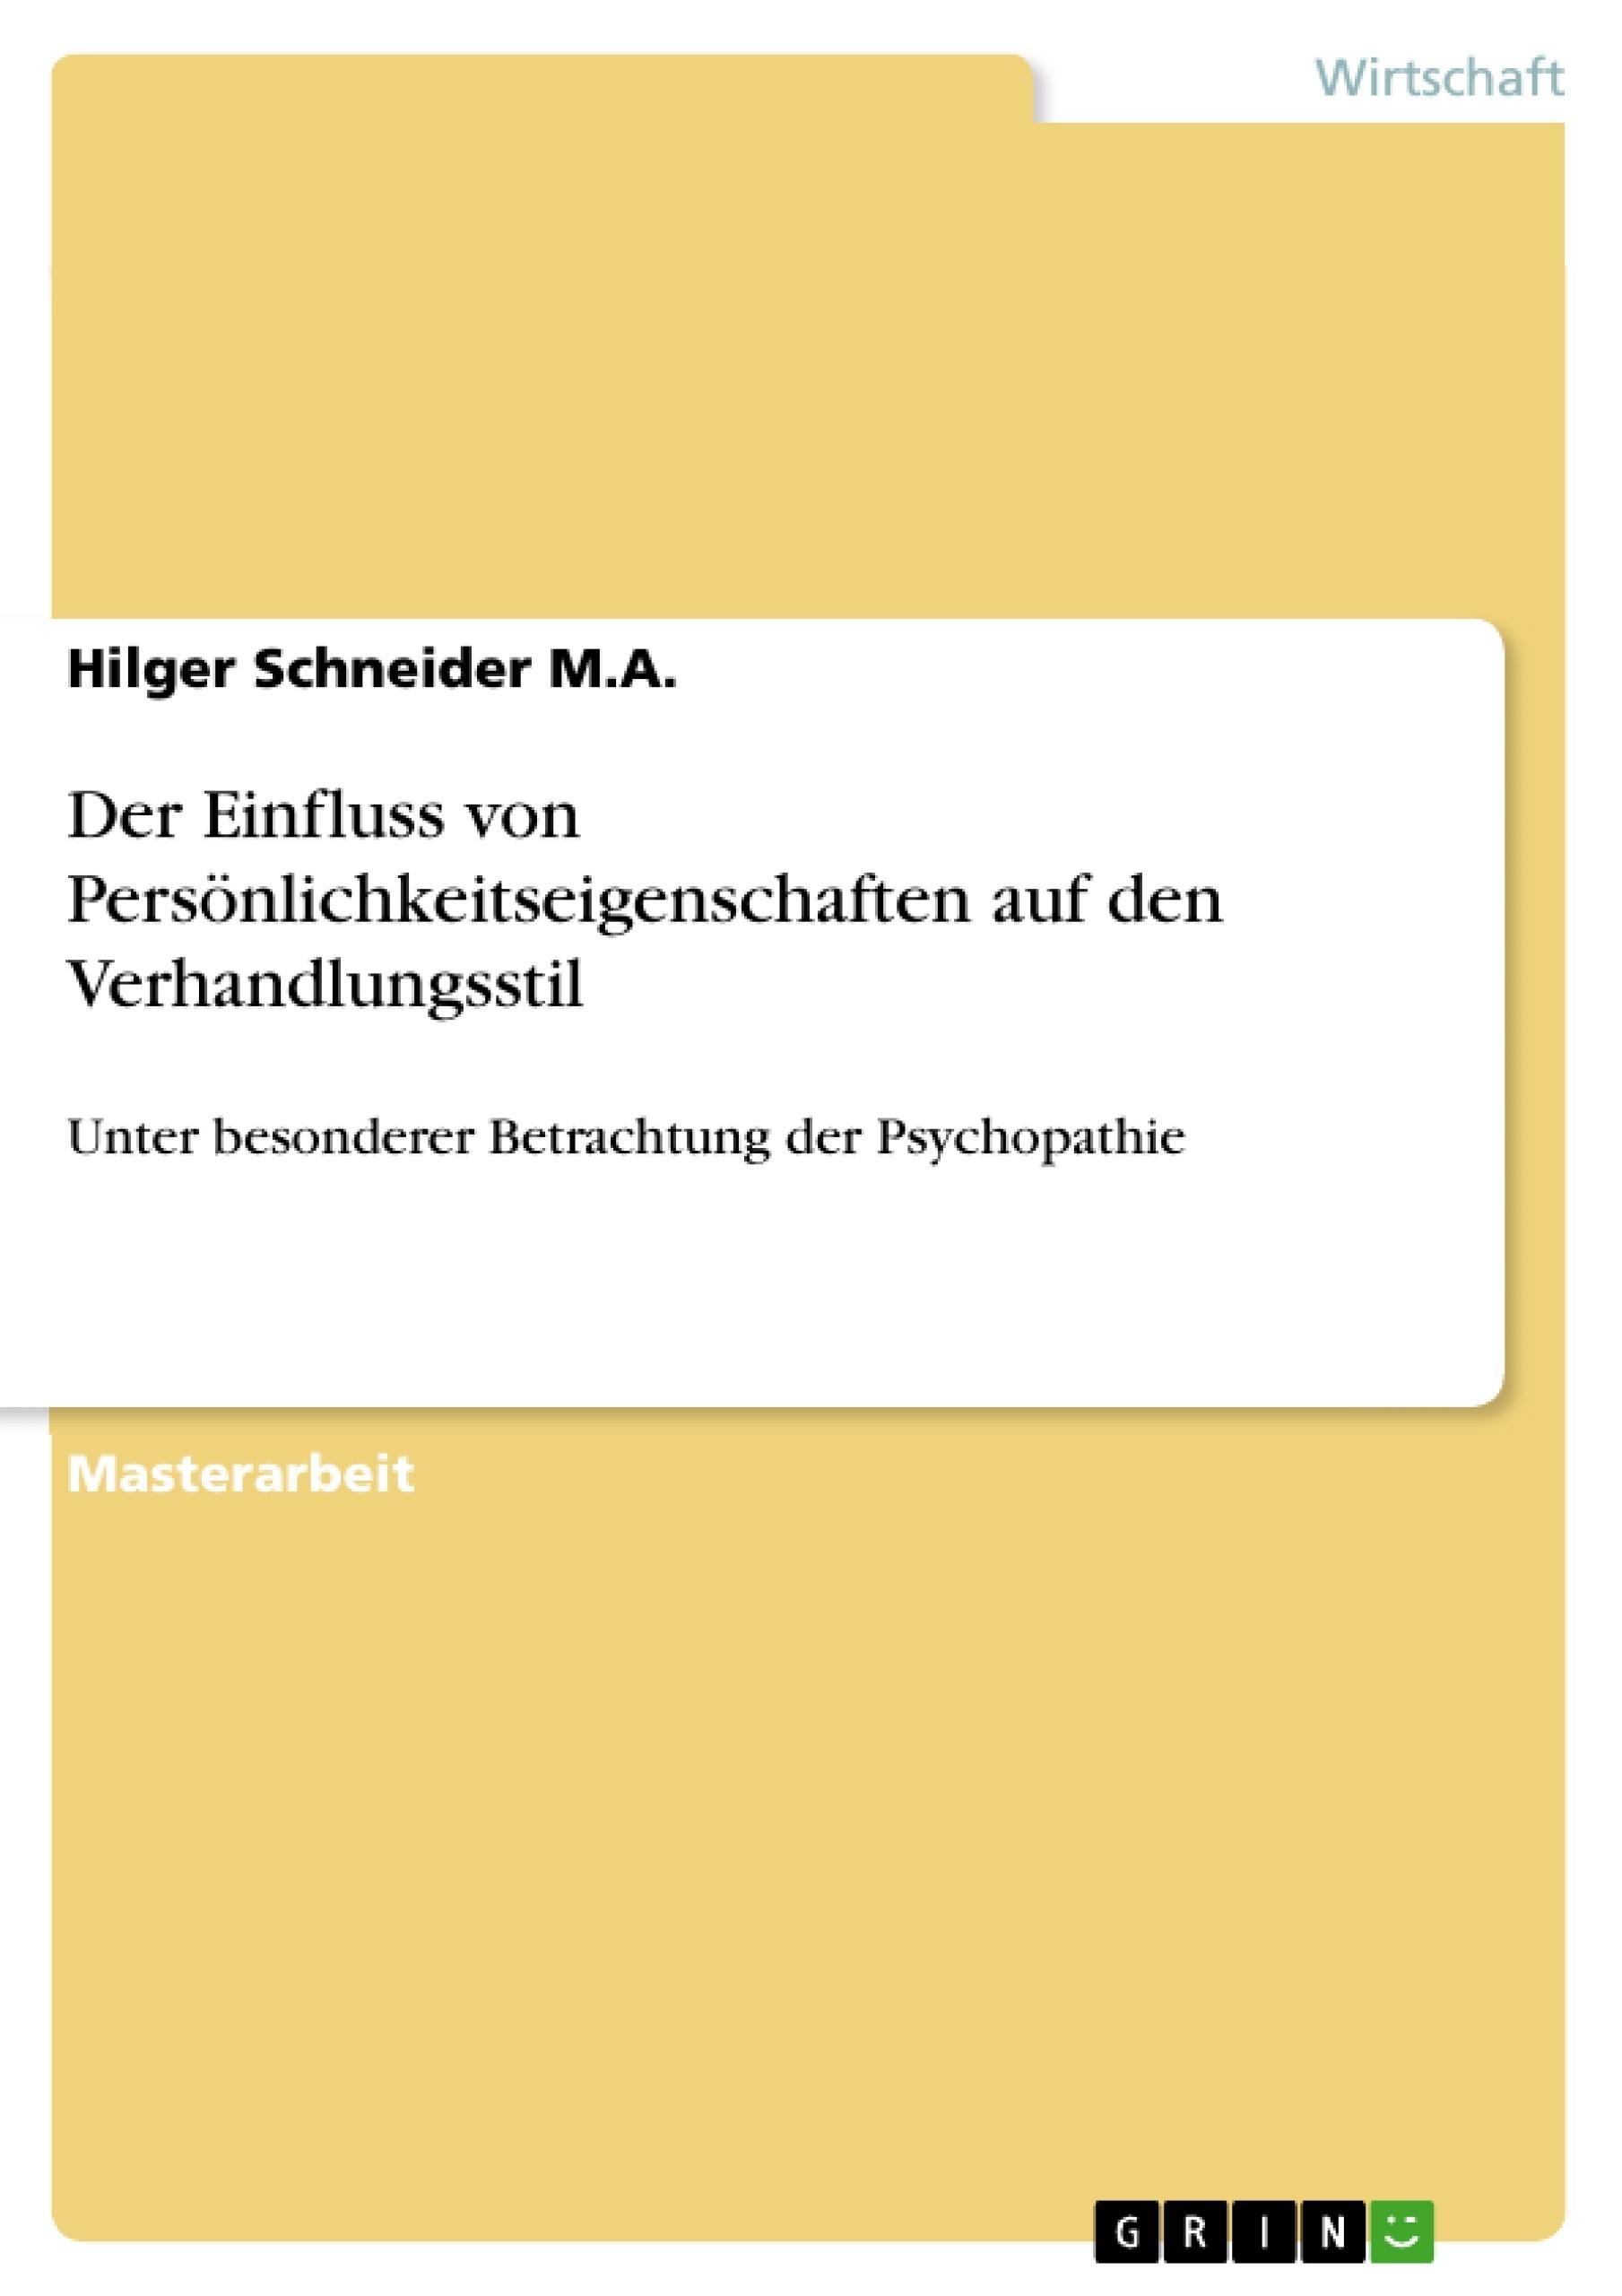 Titel: Der Einfluss von Persönlichkeitseigenschaften auf den Verhandlungsstil